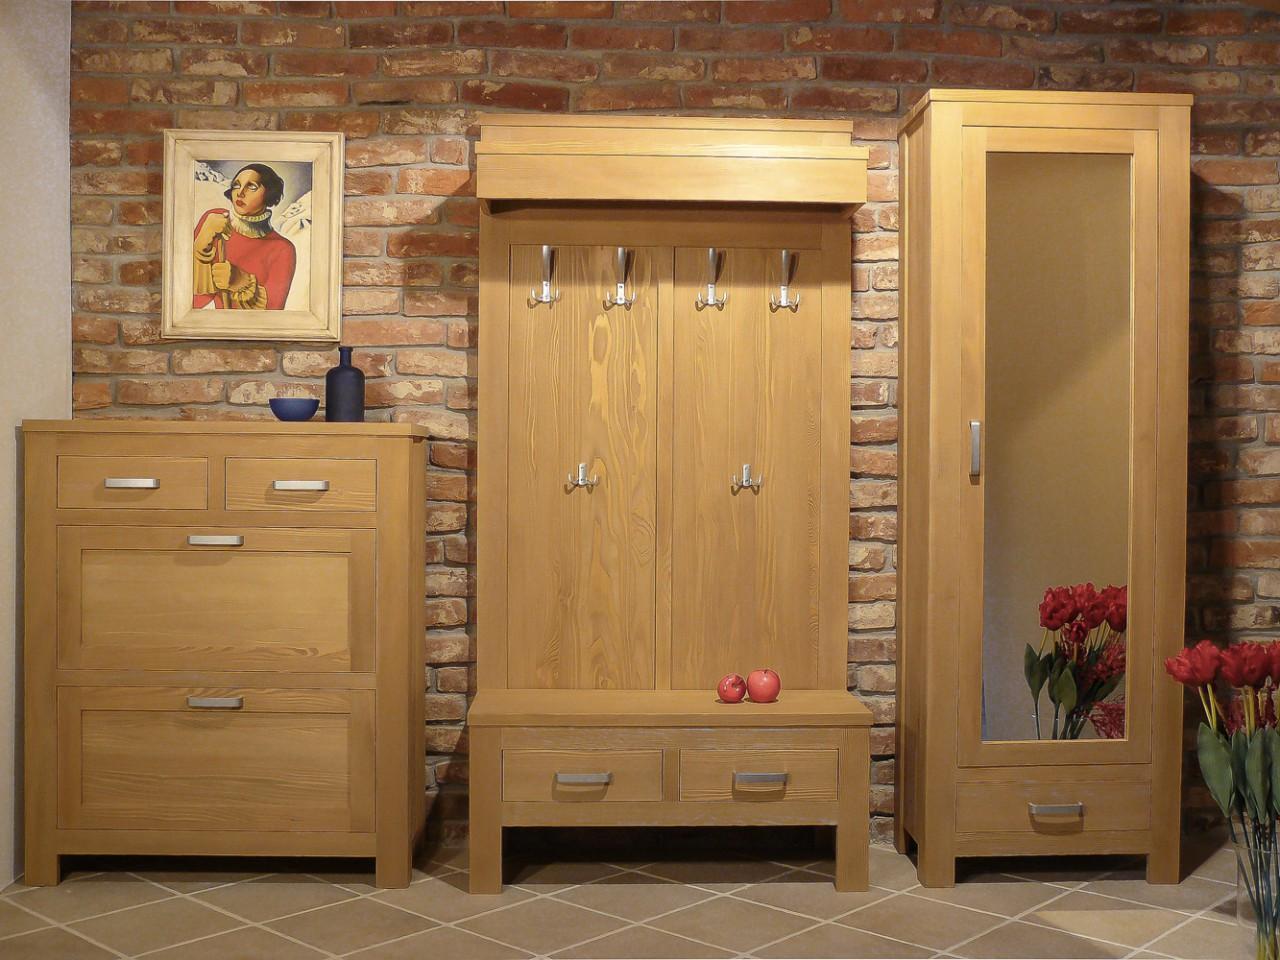 dielenschrank bavaria mit spiegel fichte massivholz geb rstet. Black Bedroom Furniture Sets. Home Design Ideas